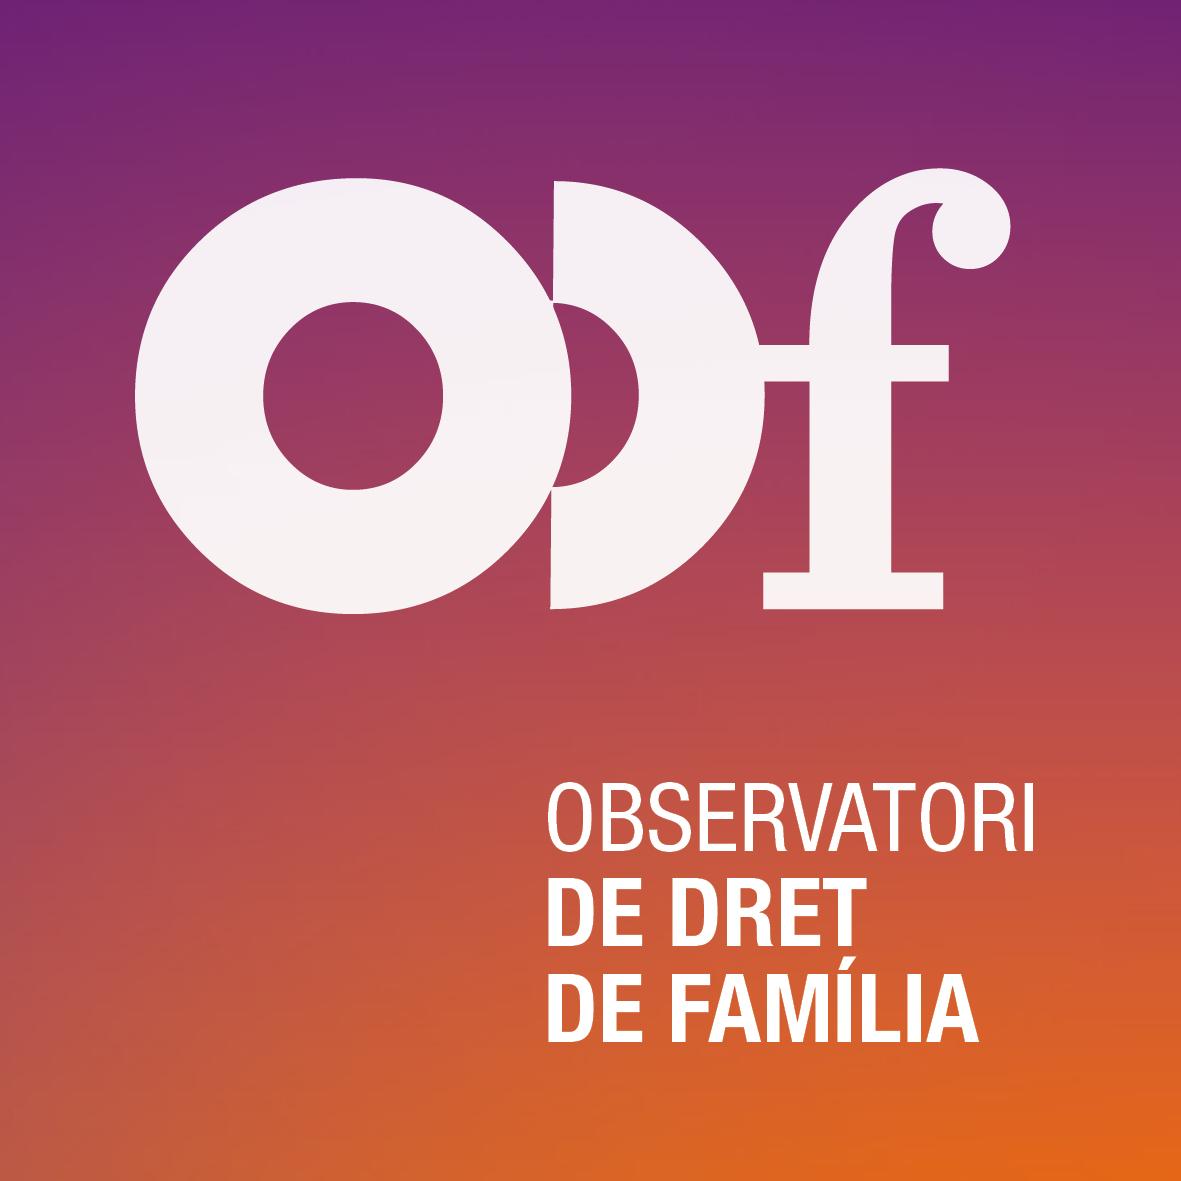 Observatori de Dret de Família